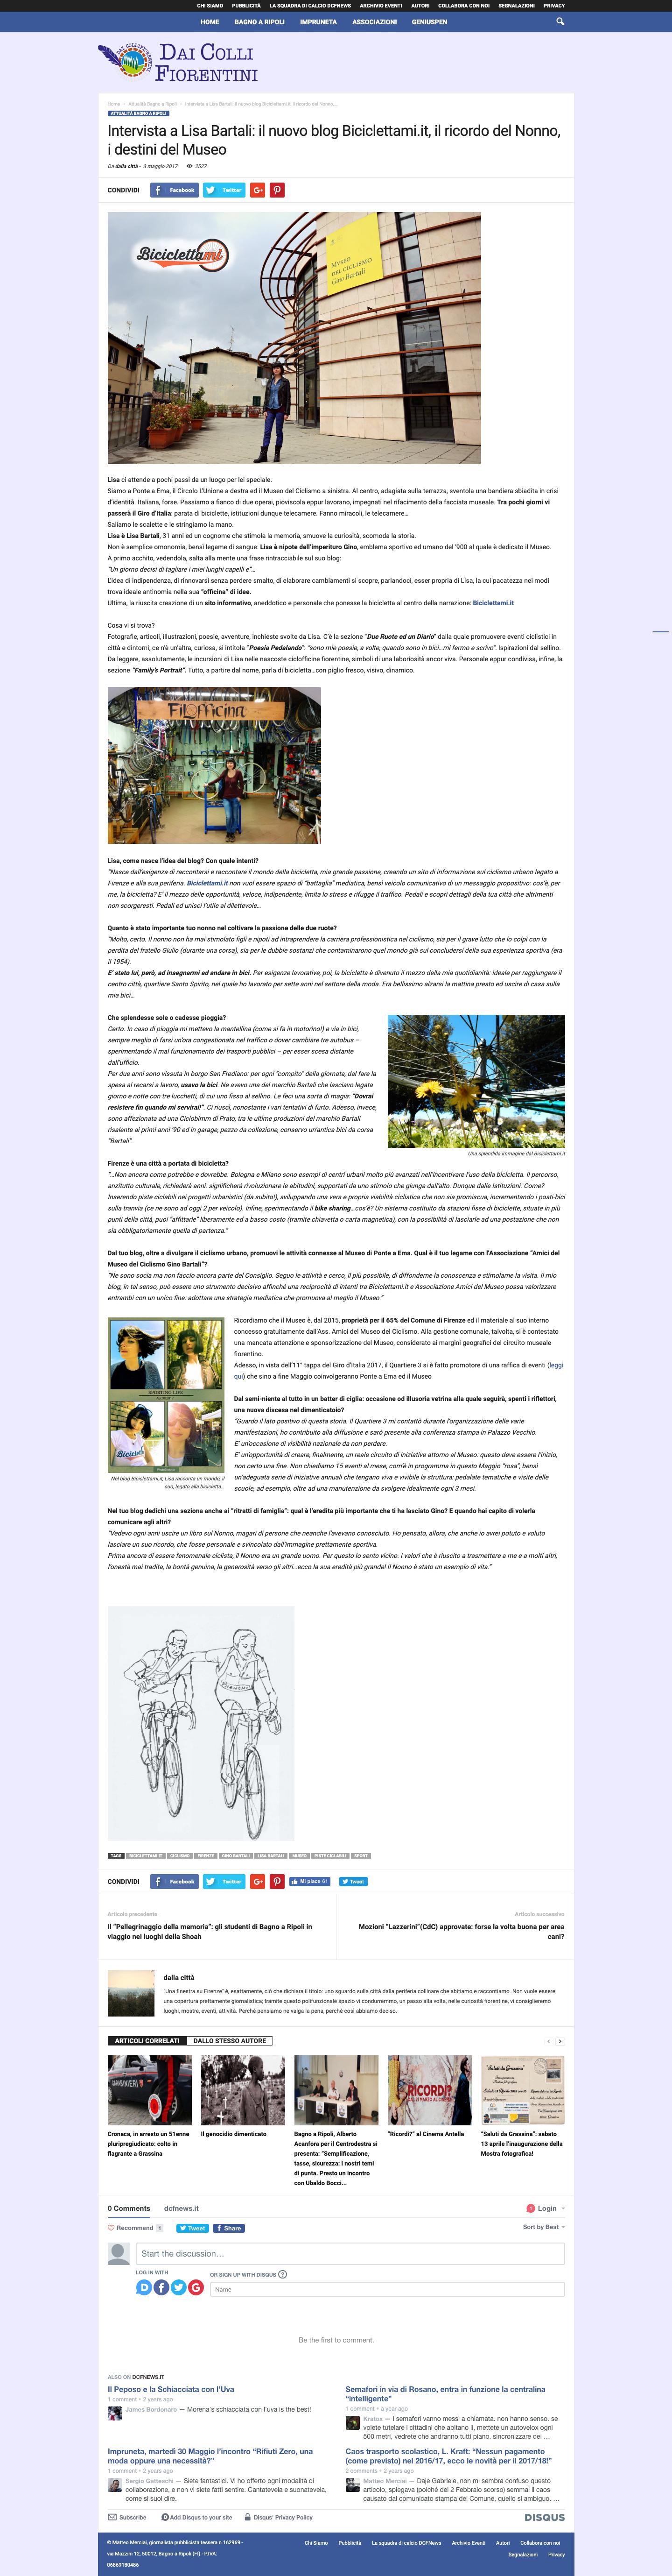 Intervista-a-Lisa-Bartali_-il-nuovo-blog-Biciclettami.it-il-ricordo-del-Nonno-i-_-www.dcfnews.it-04-2019